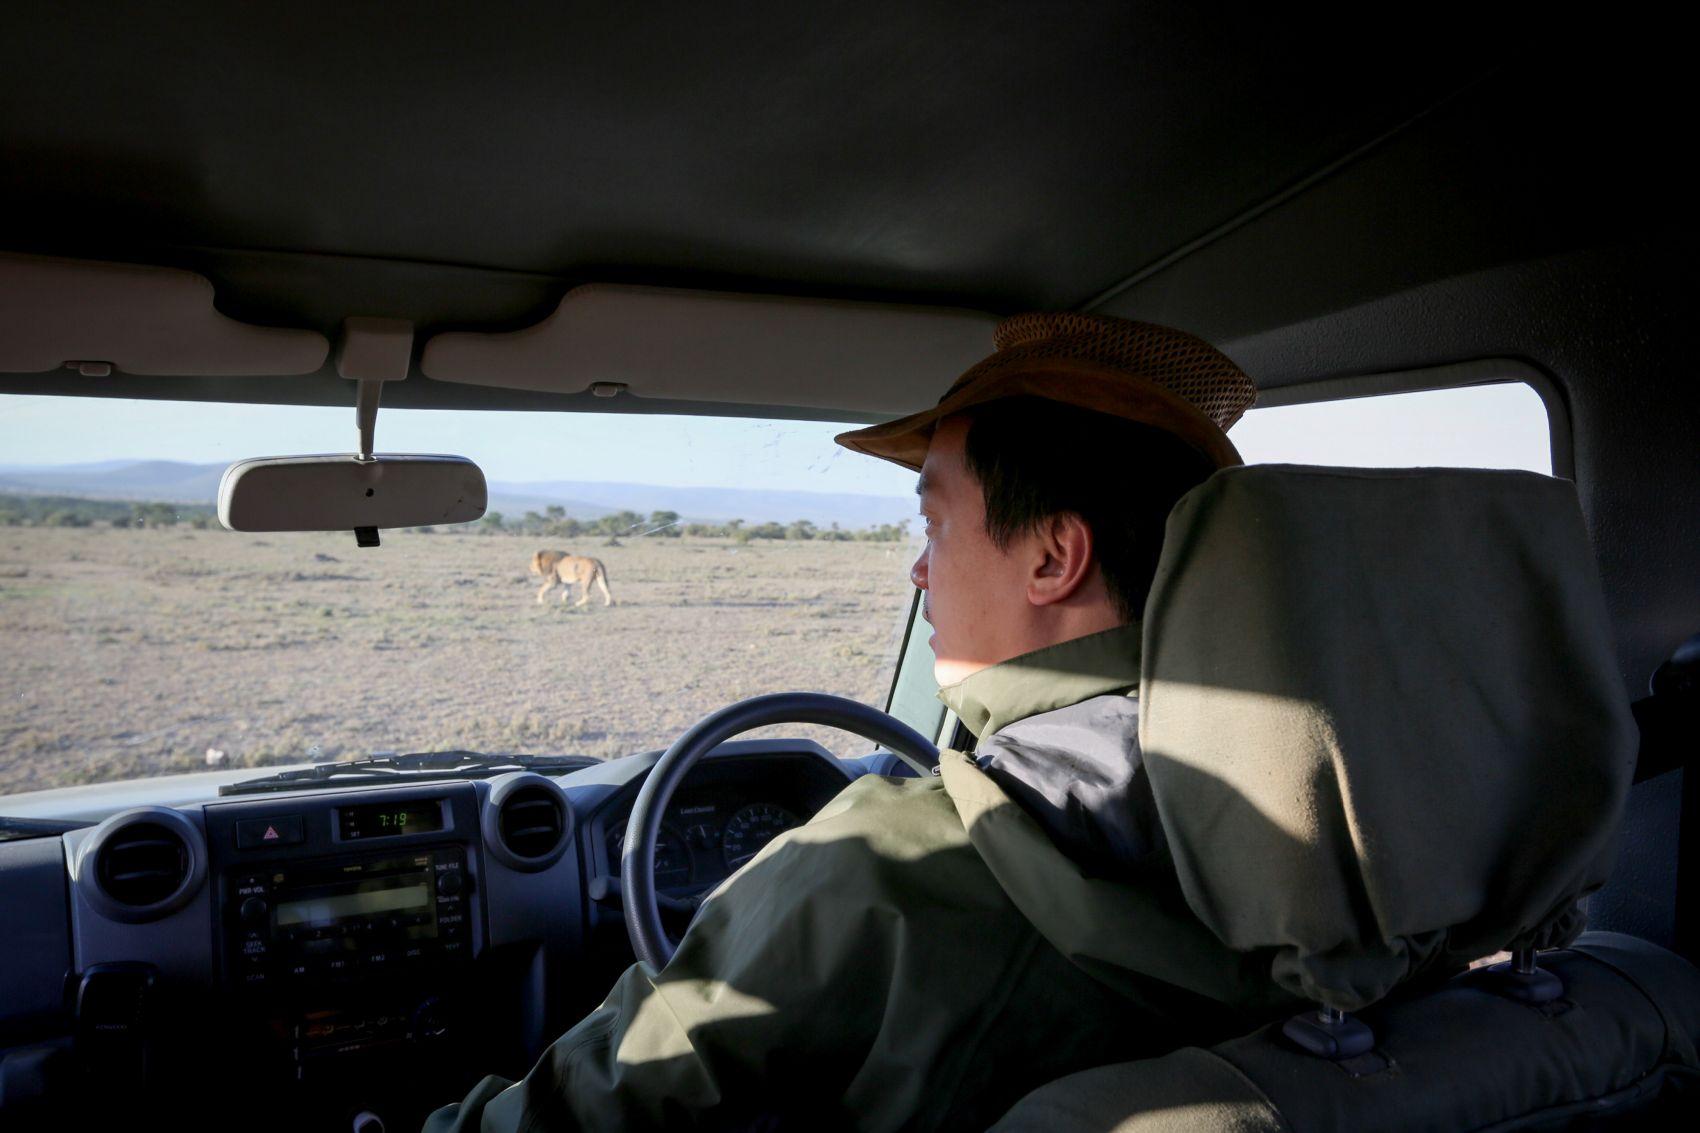 中国 狮子王 的非洲野生动物保护之路 组图